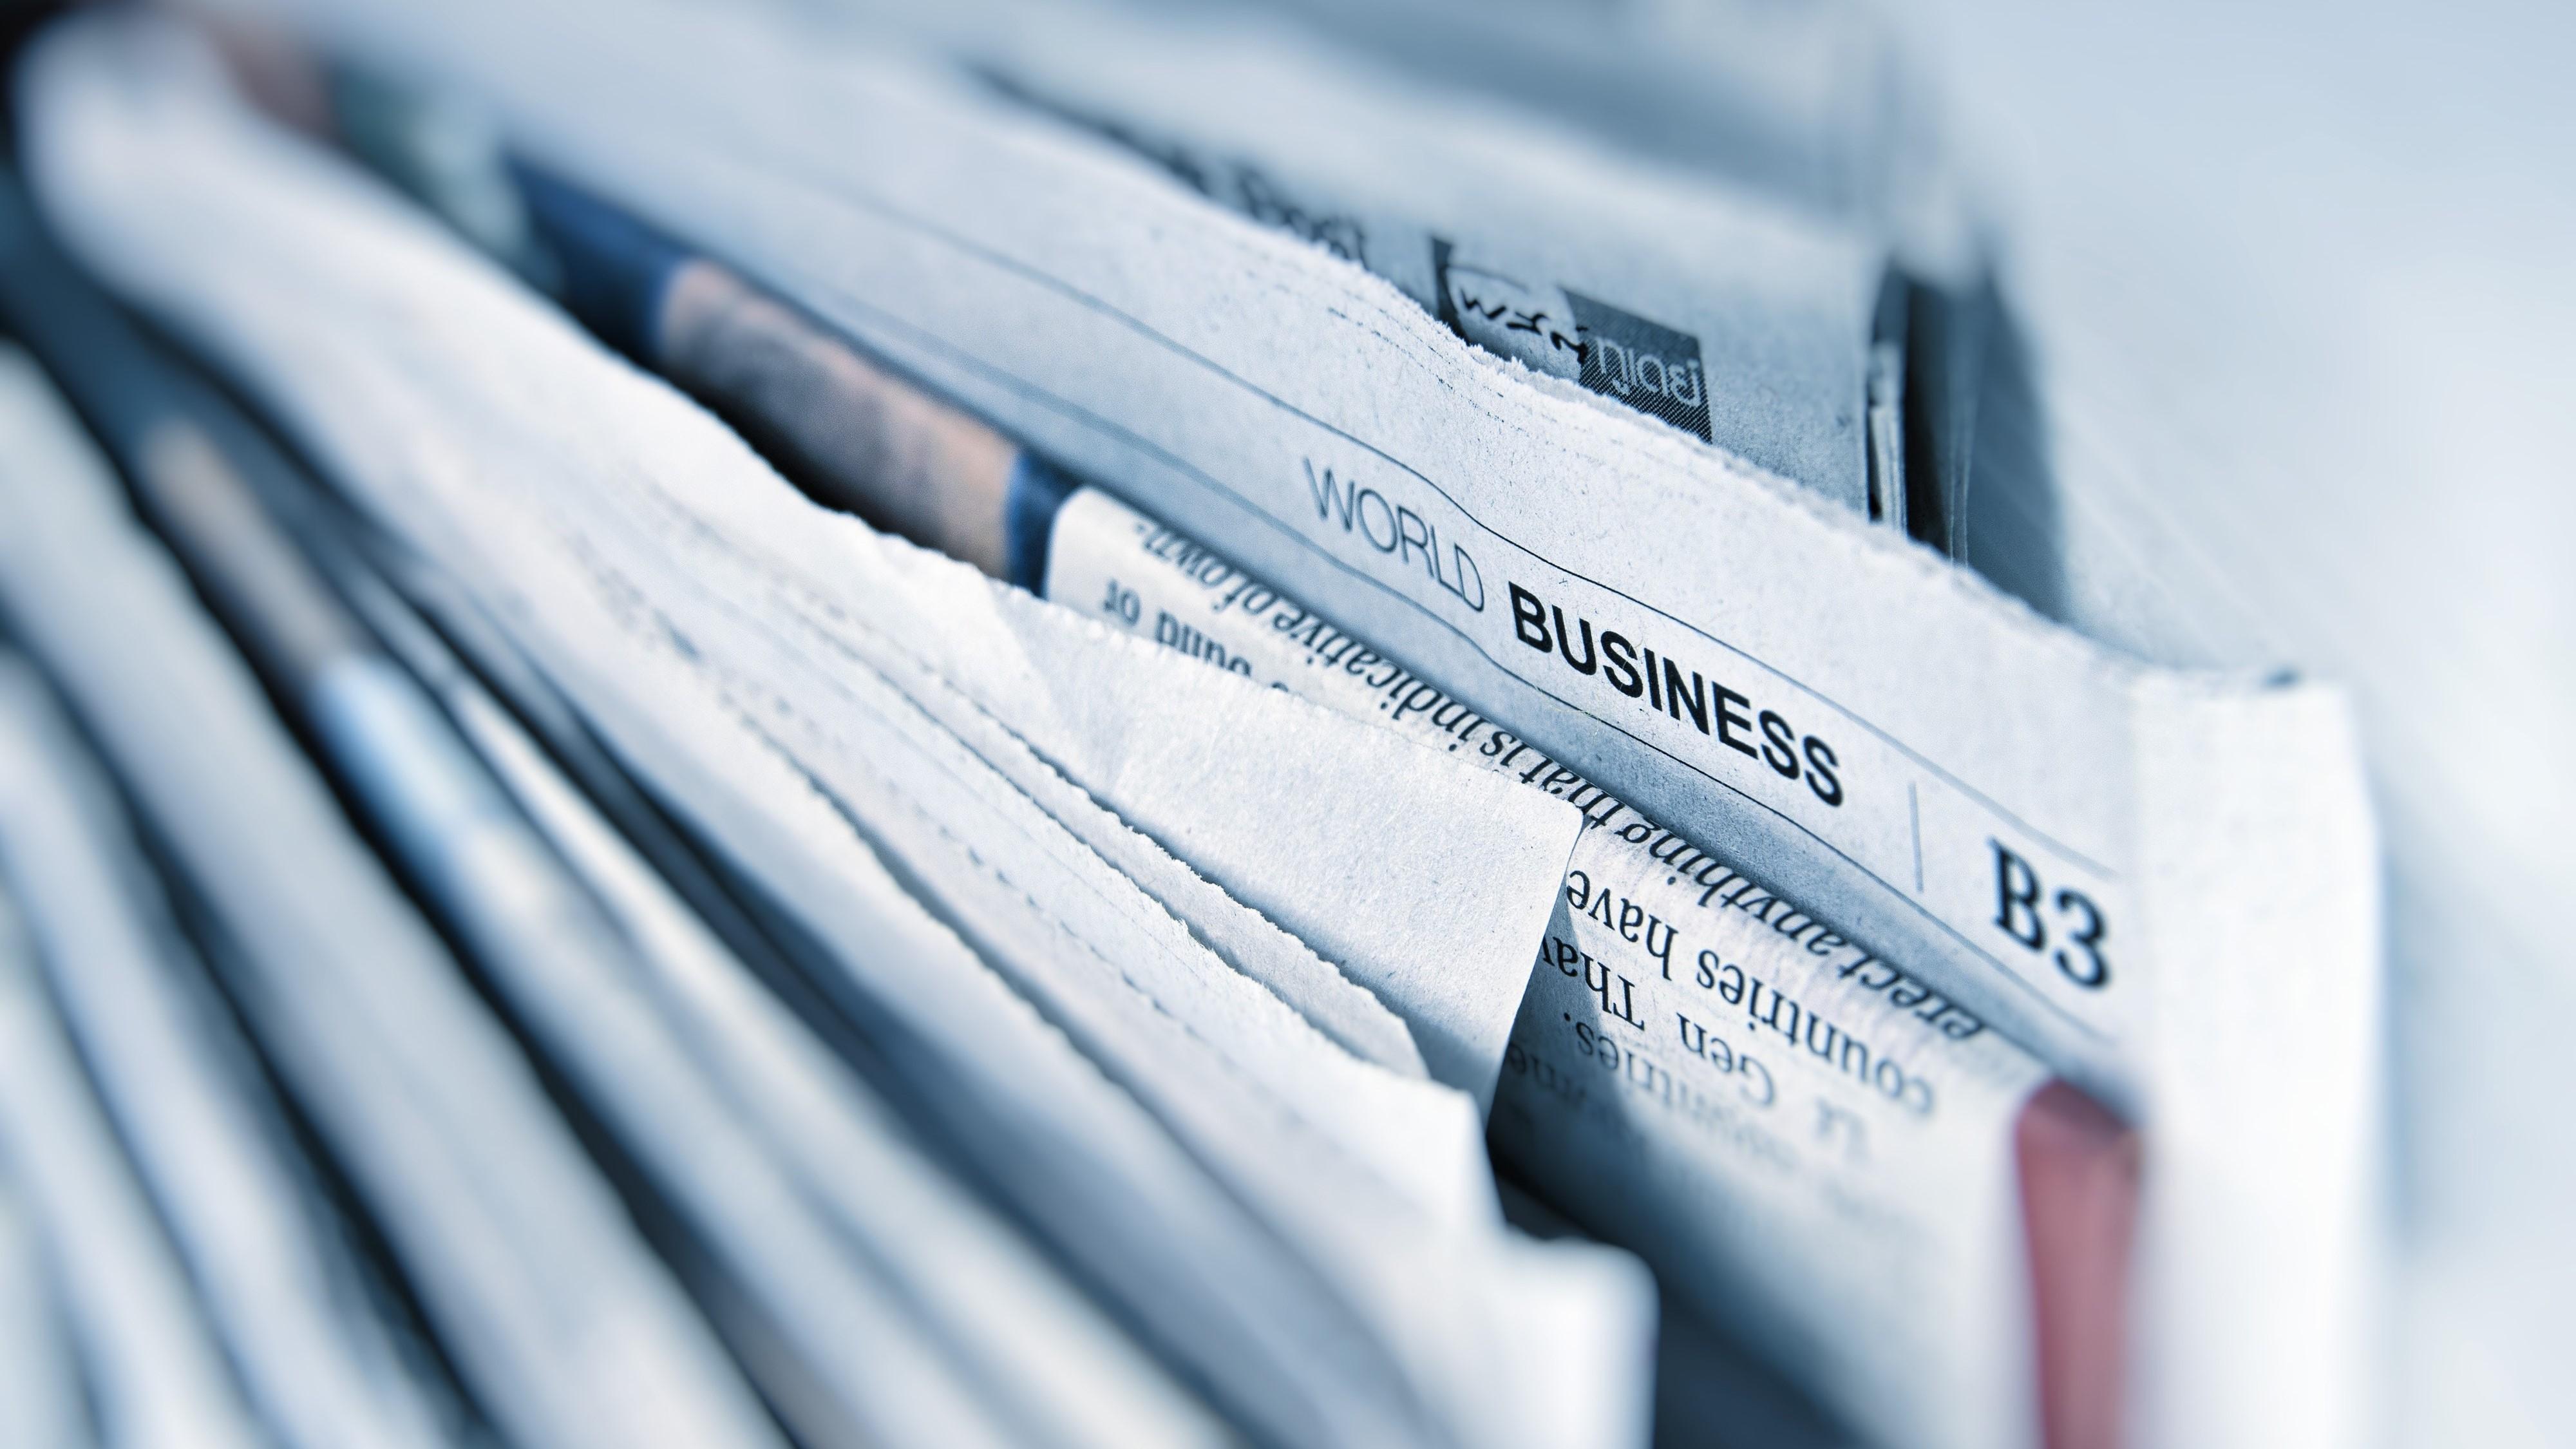 Tidningar i bunt